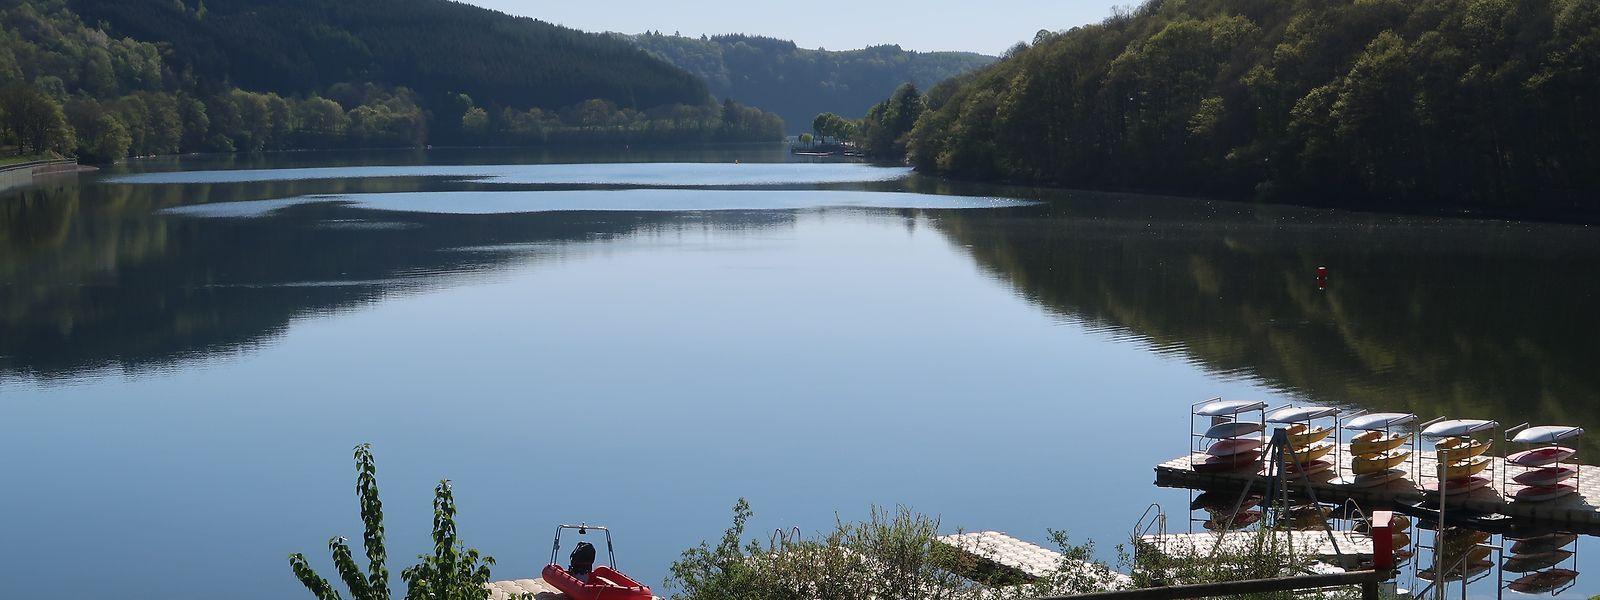 Der Obersauer-Stausee ist bei angenehmer Witterung stets ein sehr beliebtes Ausflugsziel. An sonnigen Wochenenden mögen sich schon mal bis zu 10.000 Besucher rund um das Badegewässer einfinden.